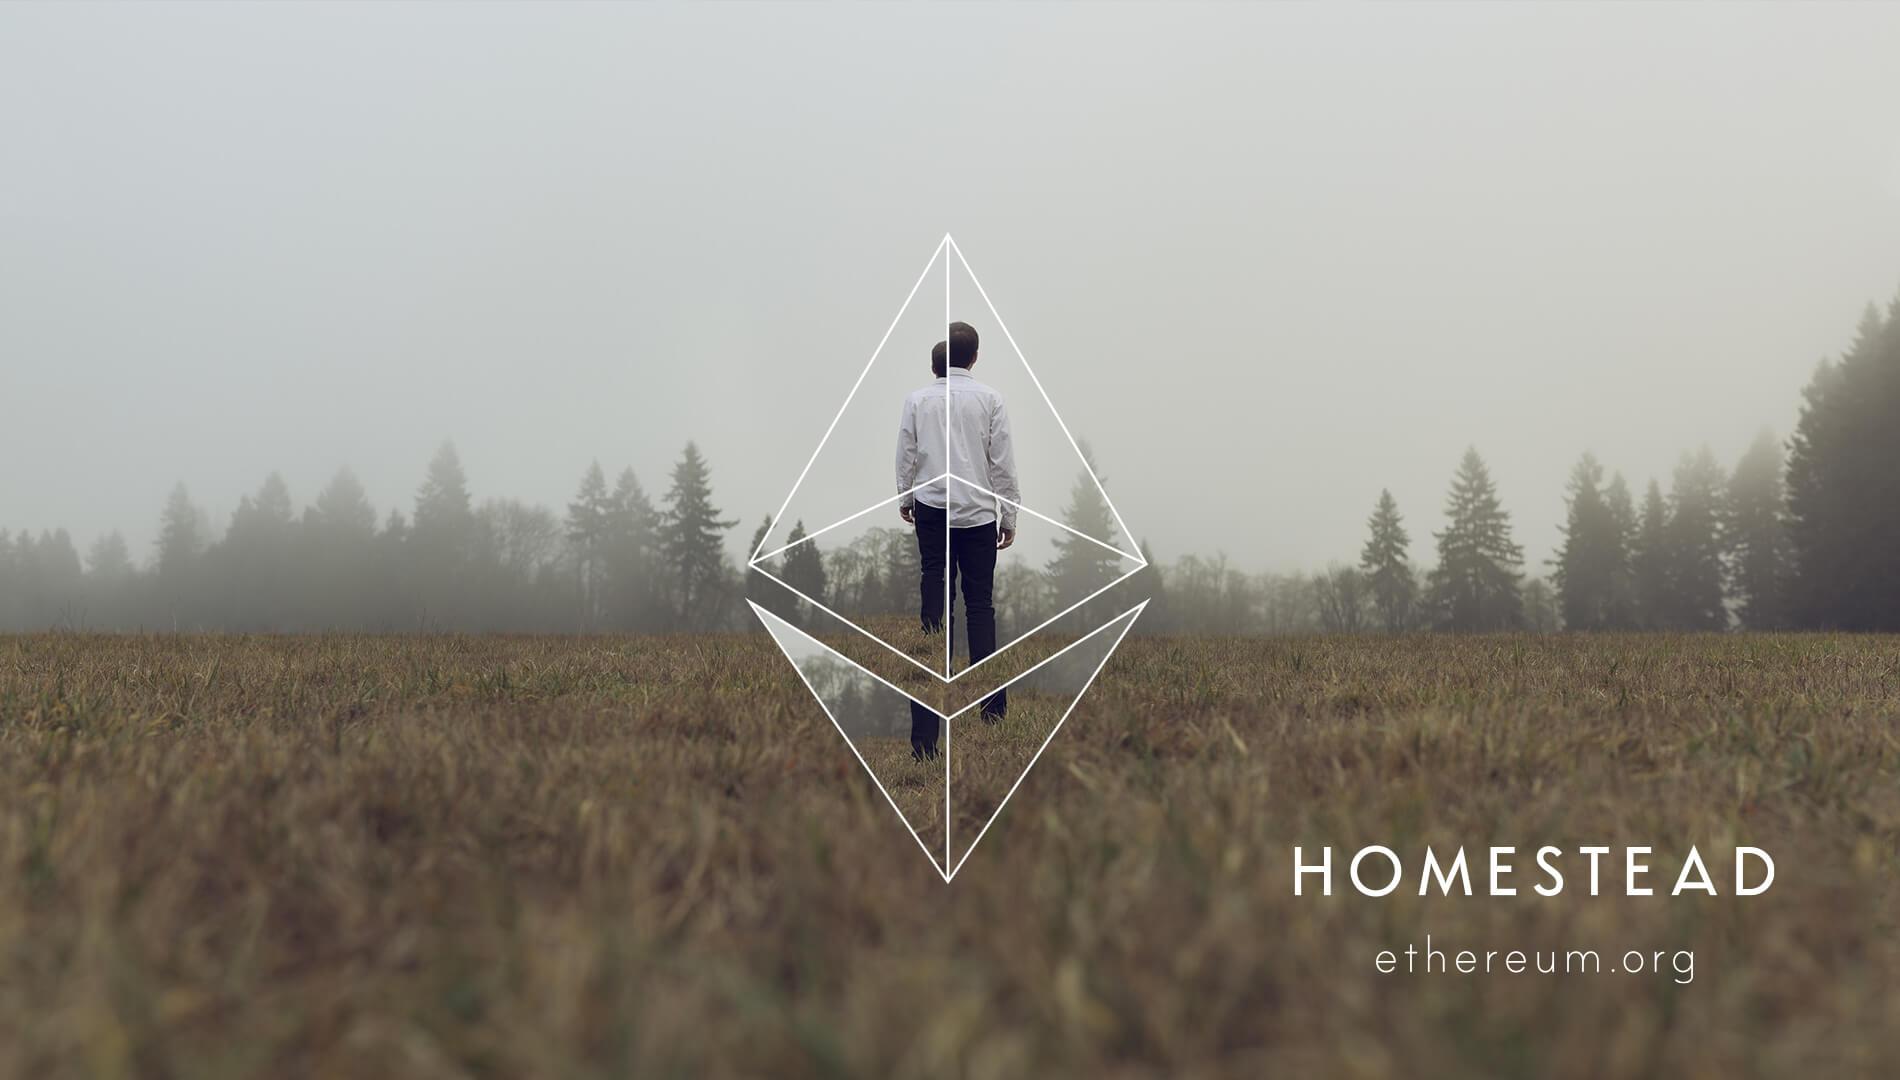 Ethereum projektet